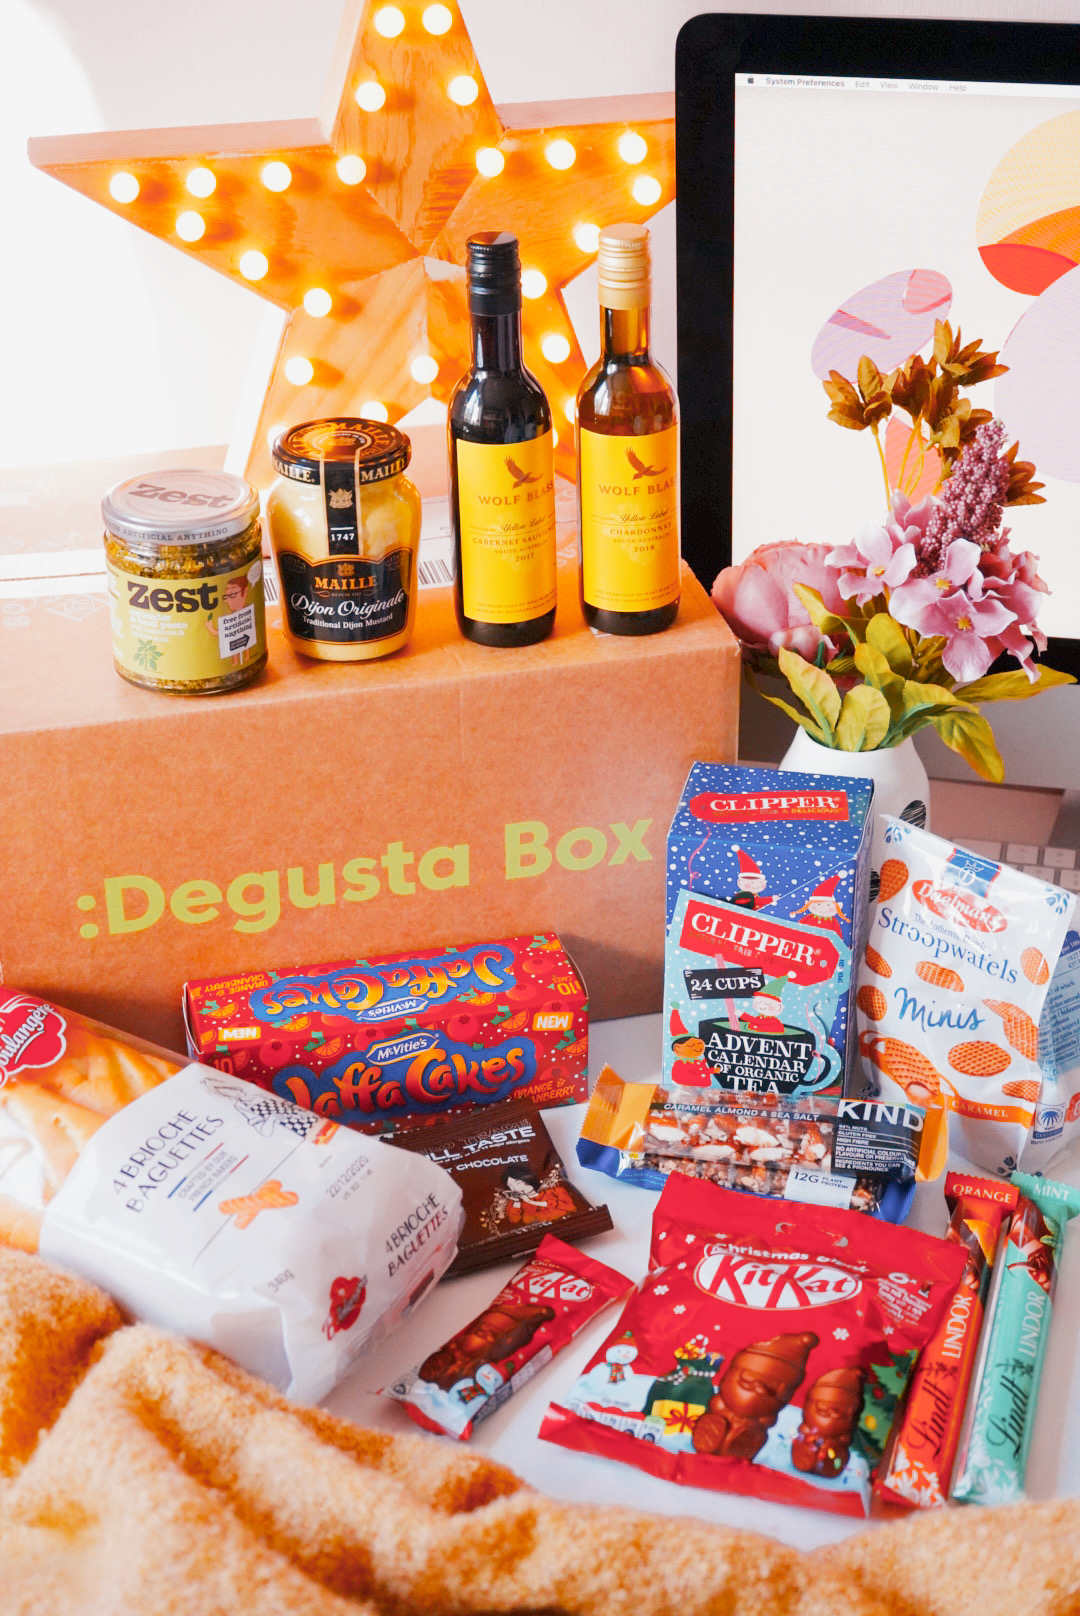 DegustaBox - November 2020